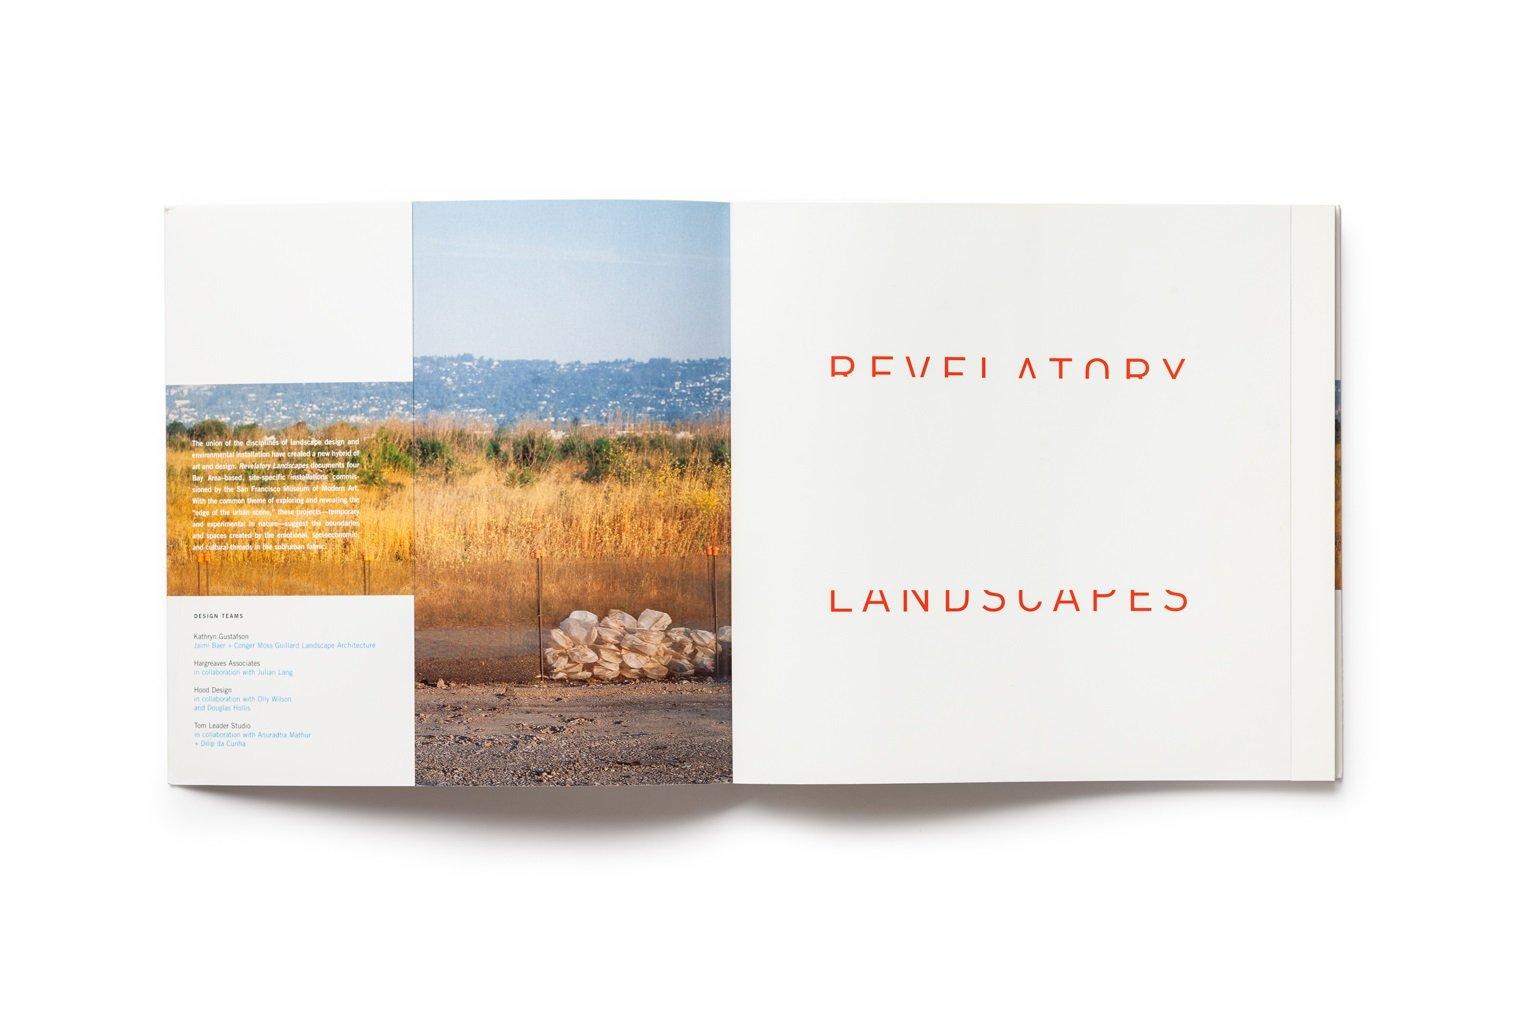 Revelatory Landscapes publication front endsheet